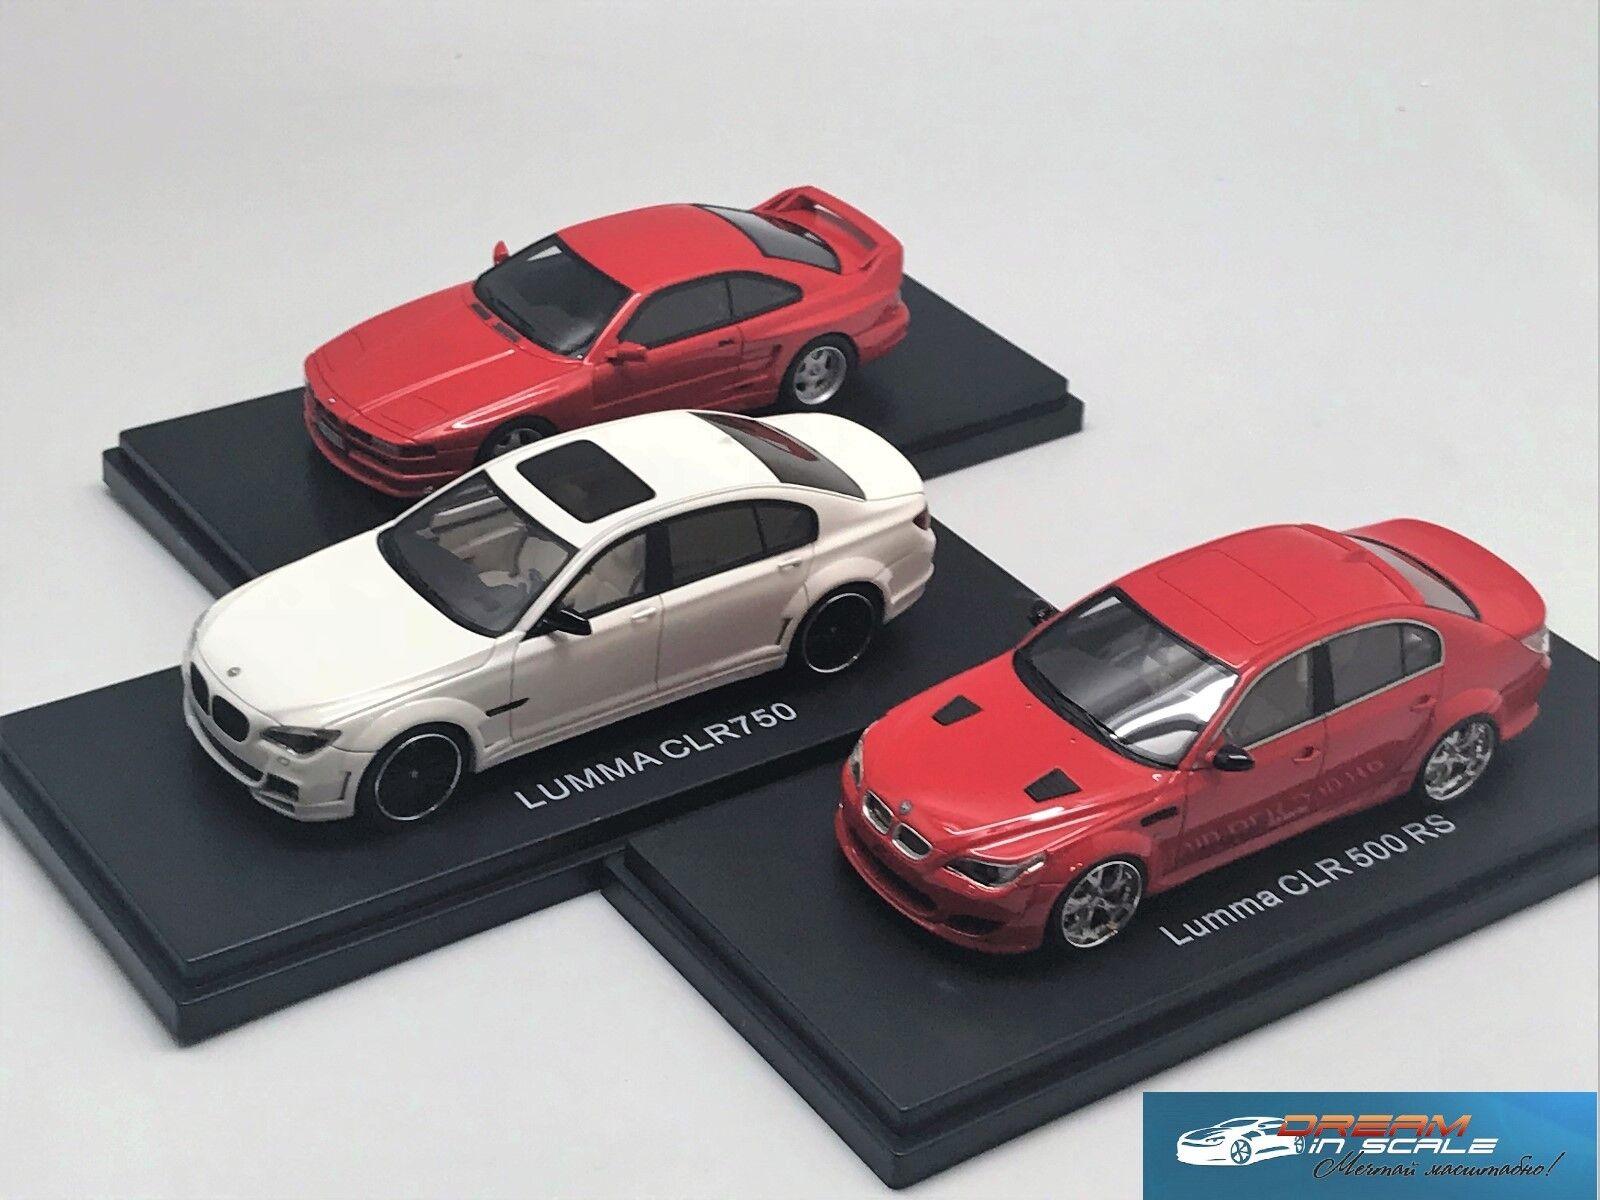 Reihe von drei modelle bmw lumma clr500 rs & clr750 & koenig ks-8 renn - miniaturen 1 43